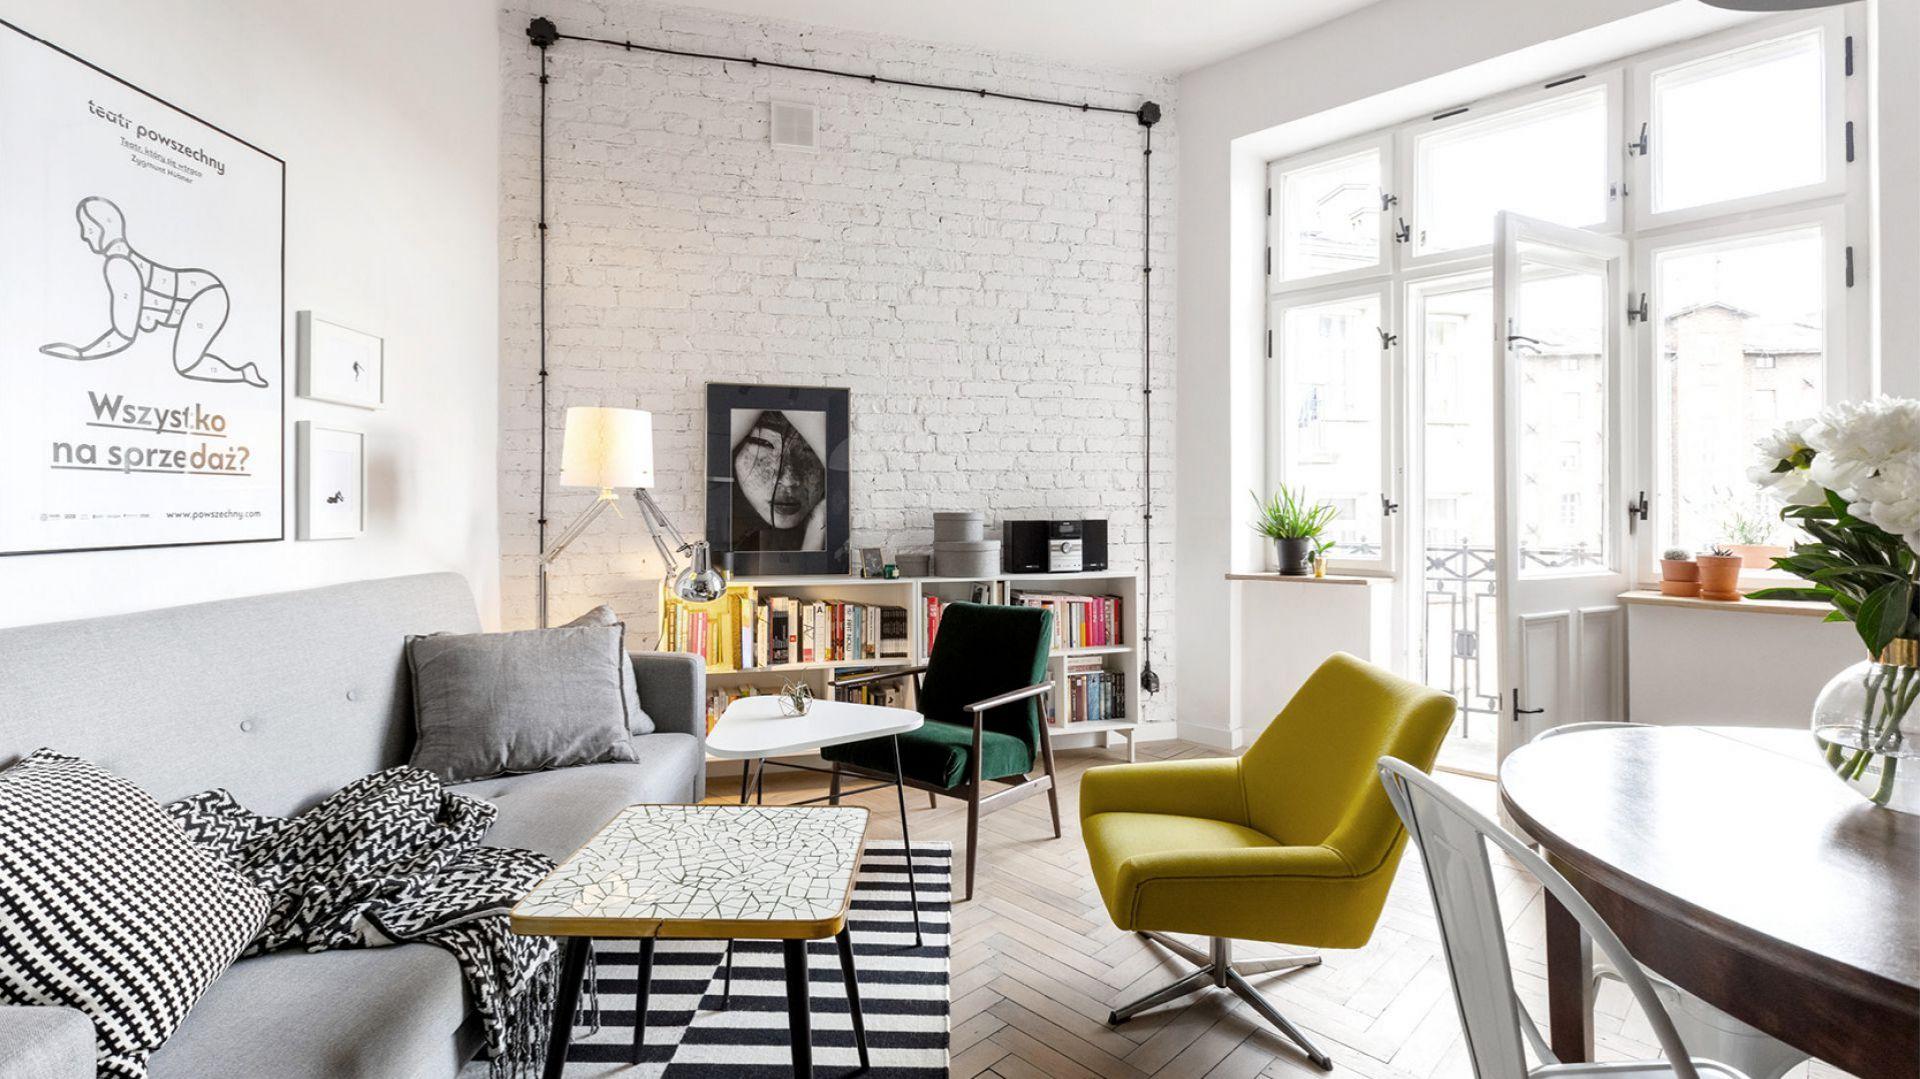 Fotel w salonie. Projekt: Małgorzata Seta. Fot. Przemysław Kuciński, Alicja Kozak